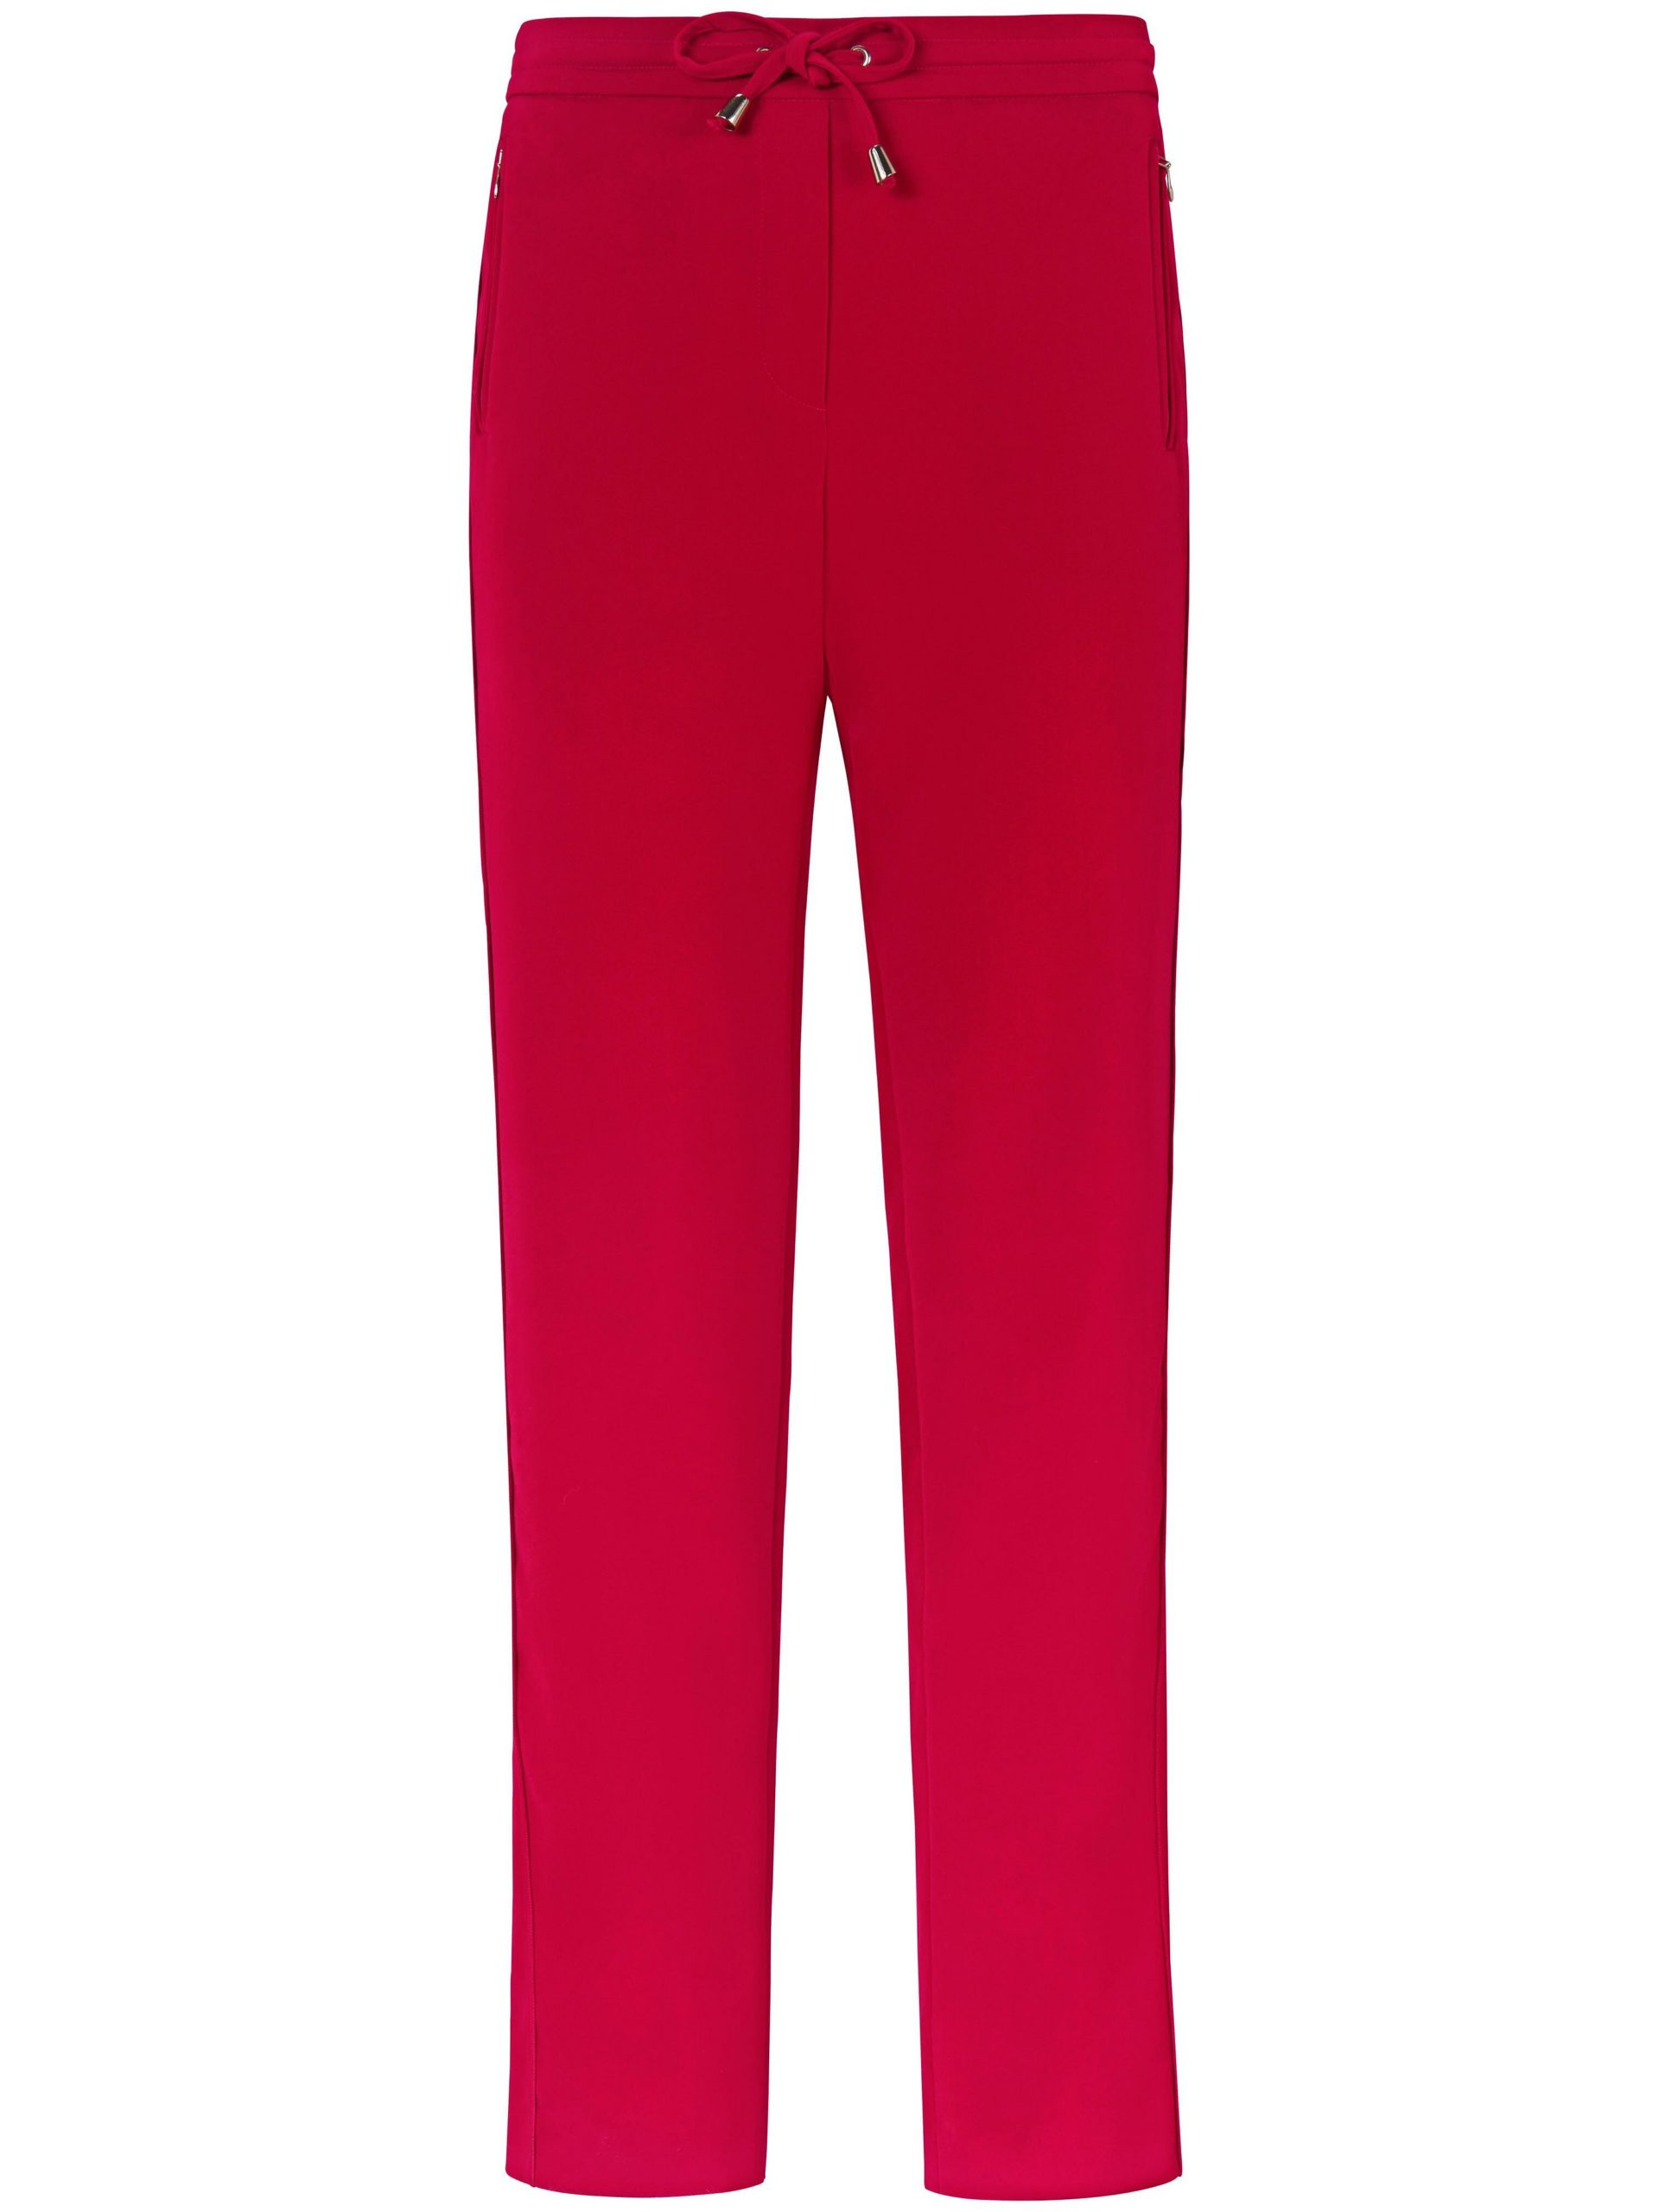 Enkellange broek in jogg-pant-stijl Van DAY.LIKE rood Kopen